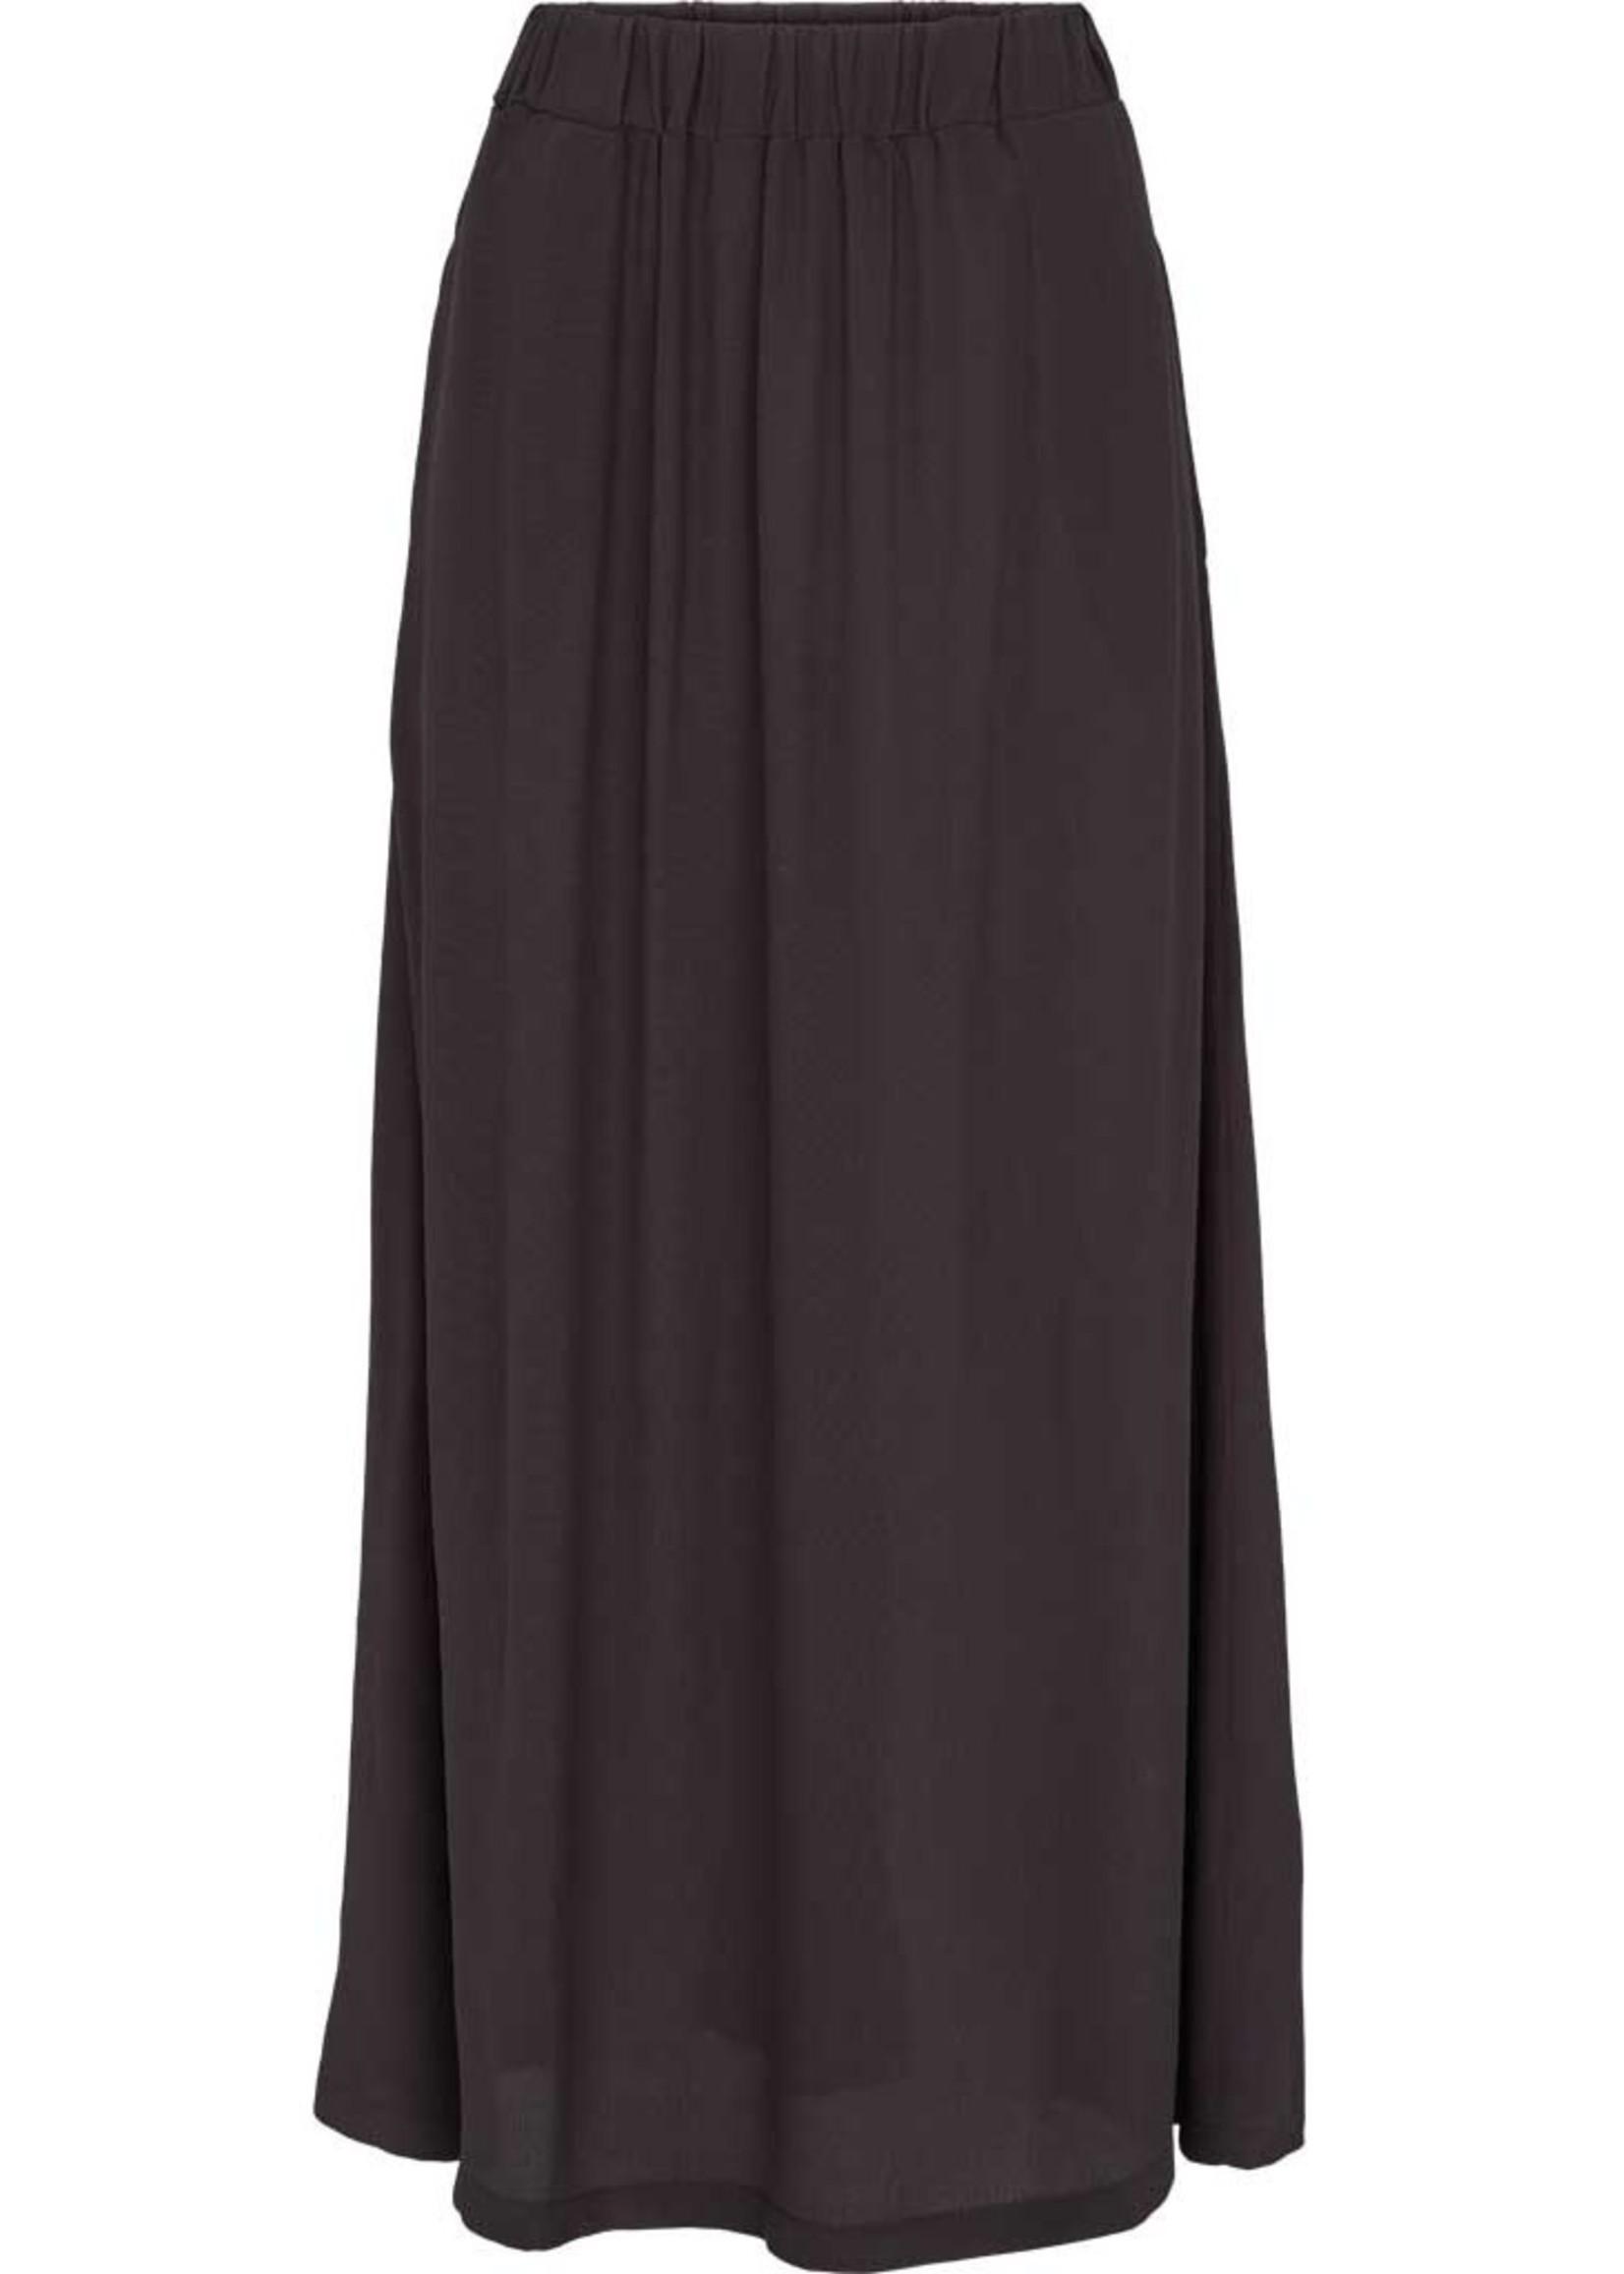 Basic Apparel Tyra Skirt